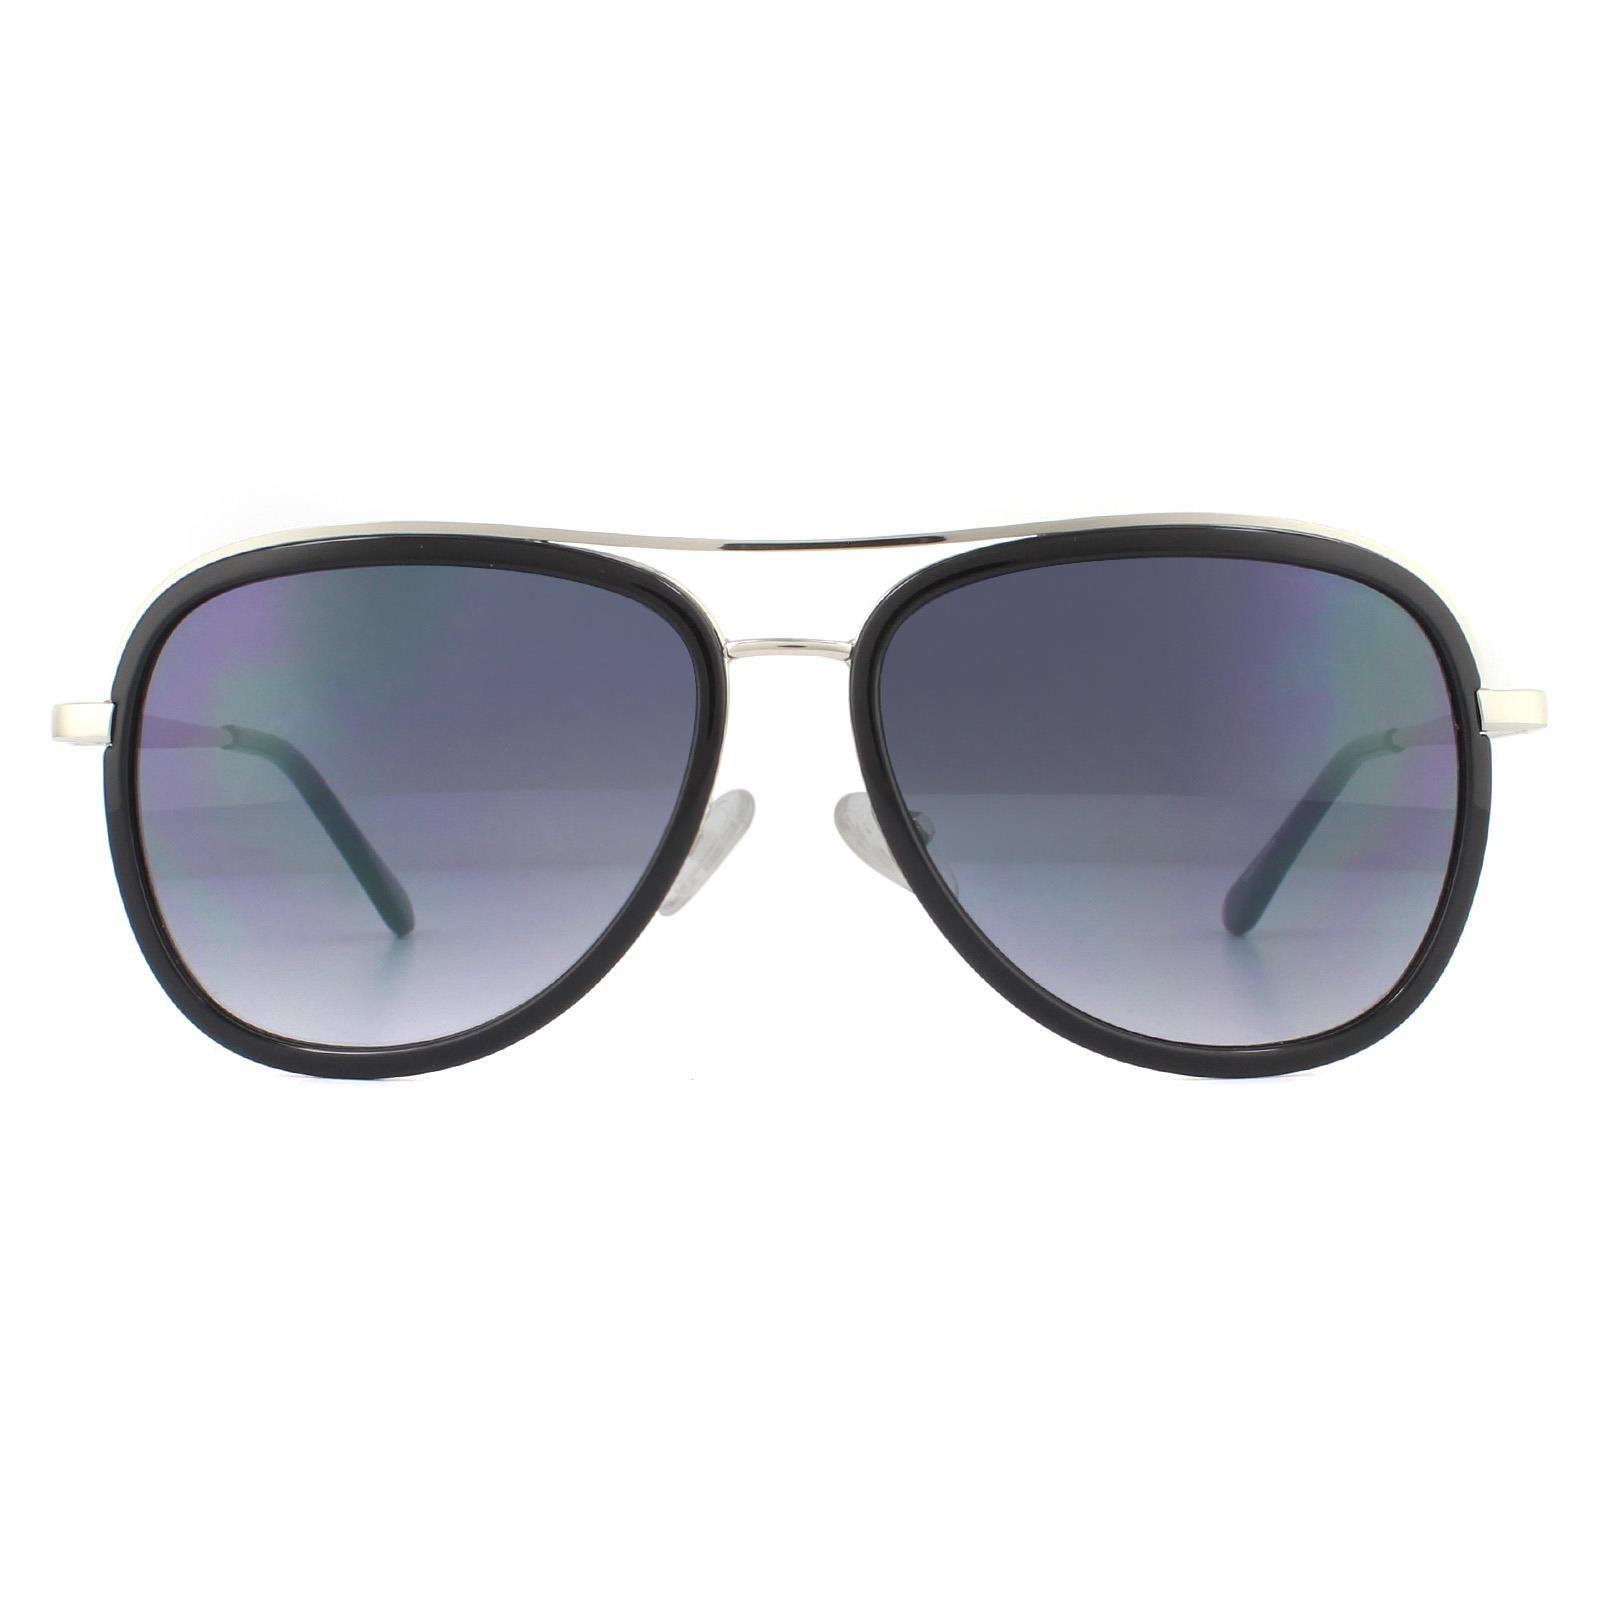 Guess Sunglasses GG1157 06B Shiny Dark Nickeltin Smoke Gradient